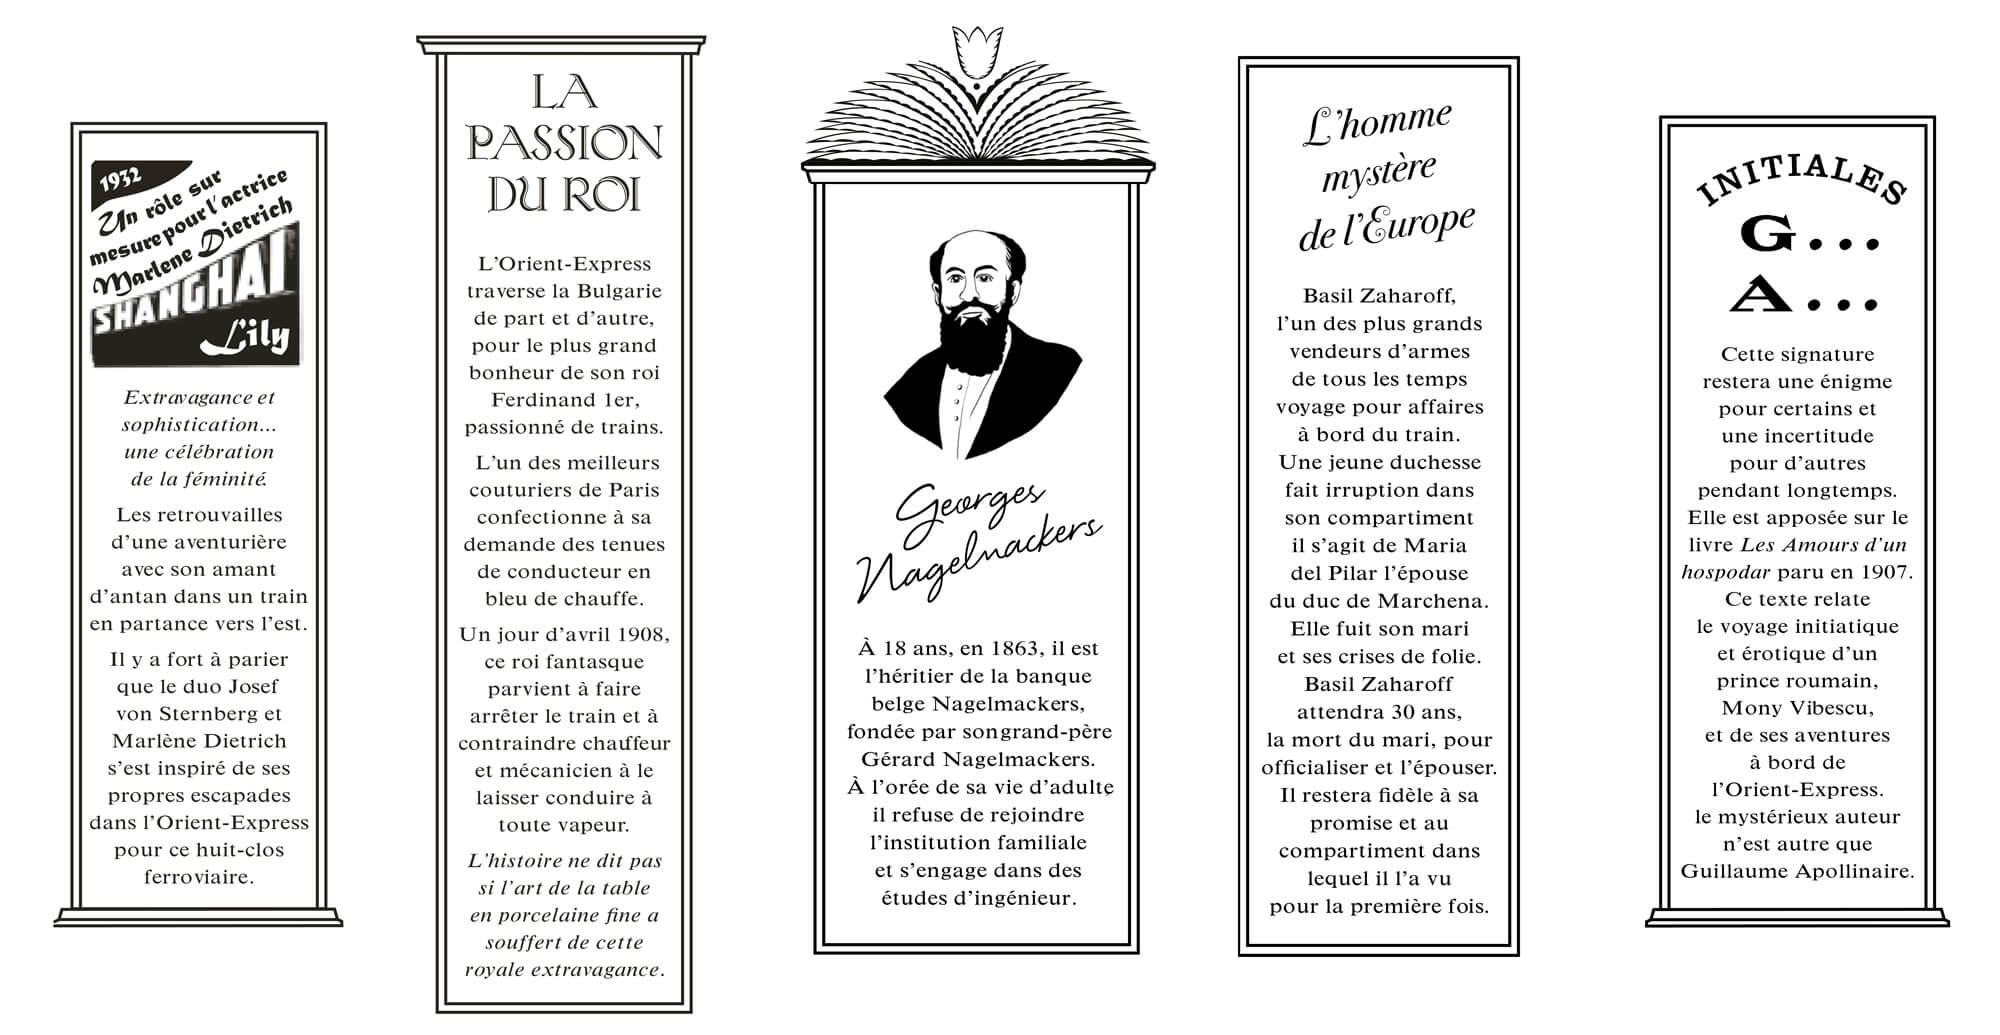 détails graphiques du menu dessiné par le studio, racontant l'histoire de l'orient express. dans le cadre du projet d'identité de l'orient express imaginée par Ich&Kar pour les privatisations du train